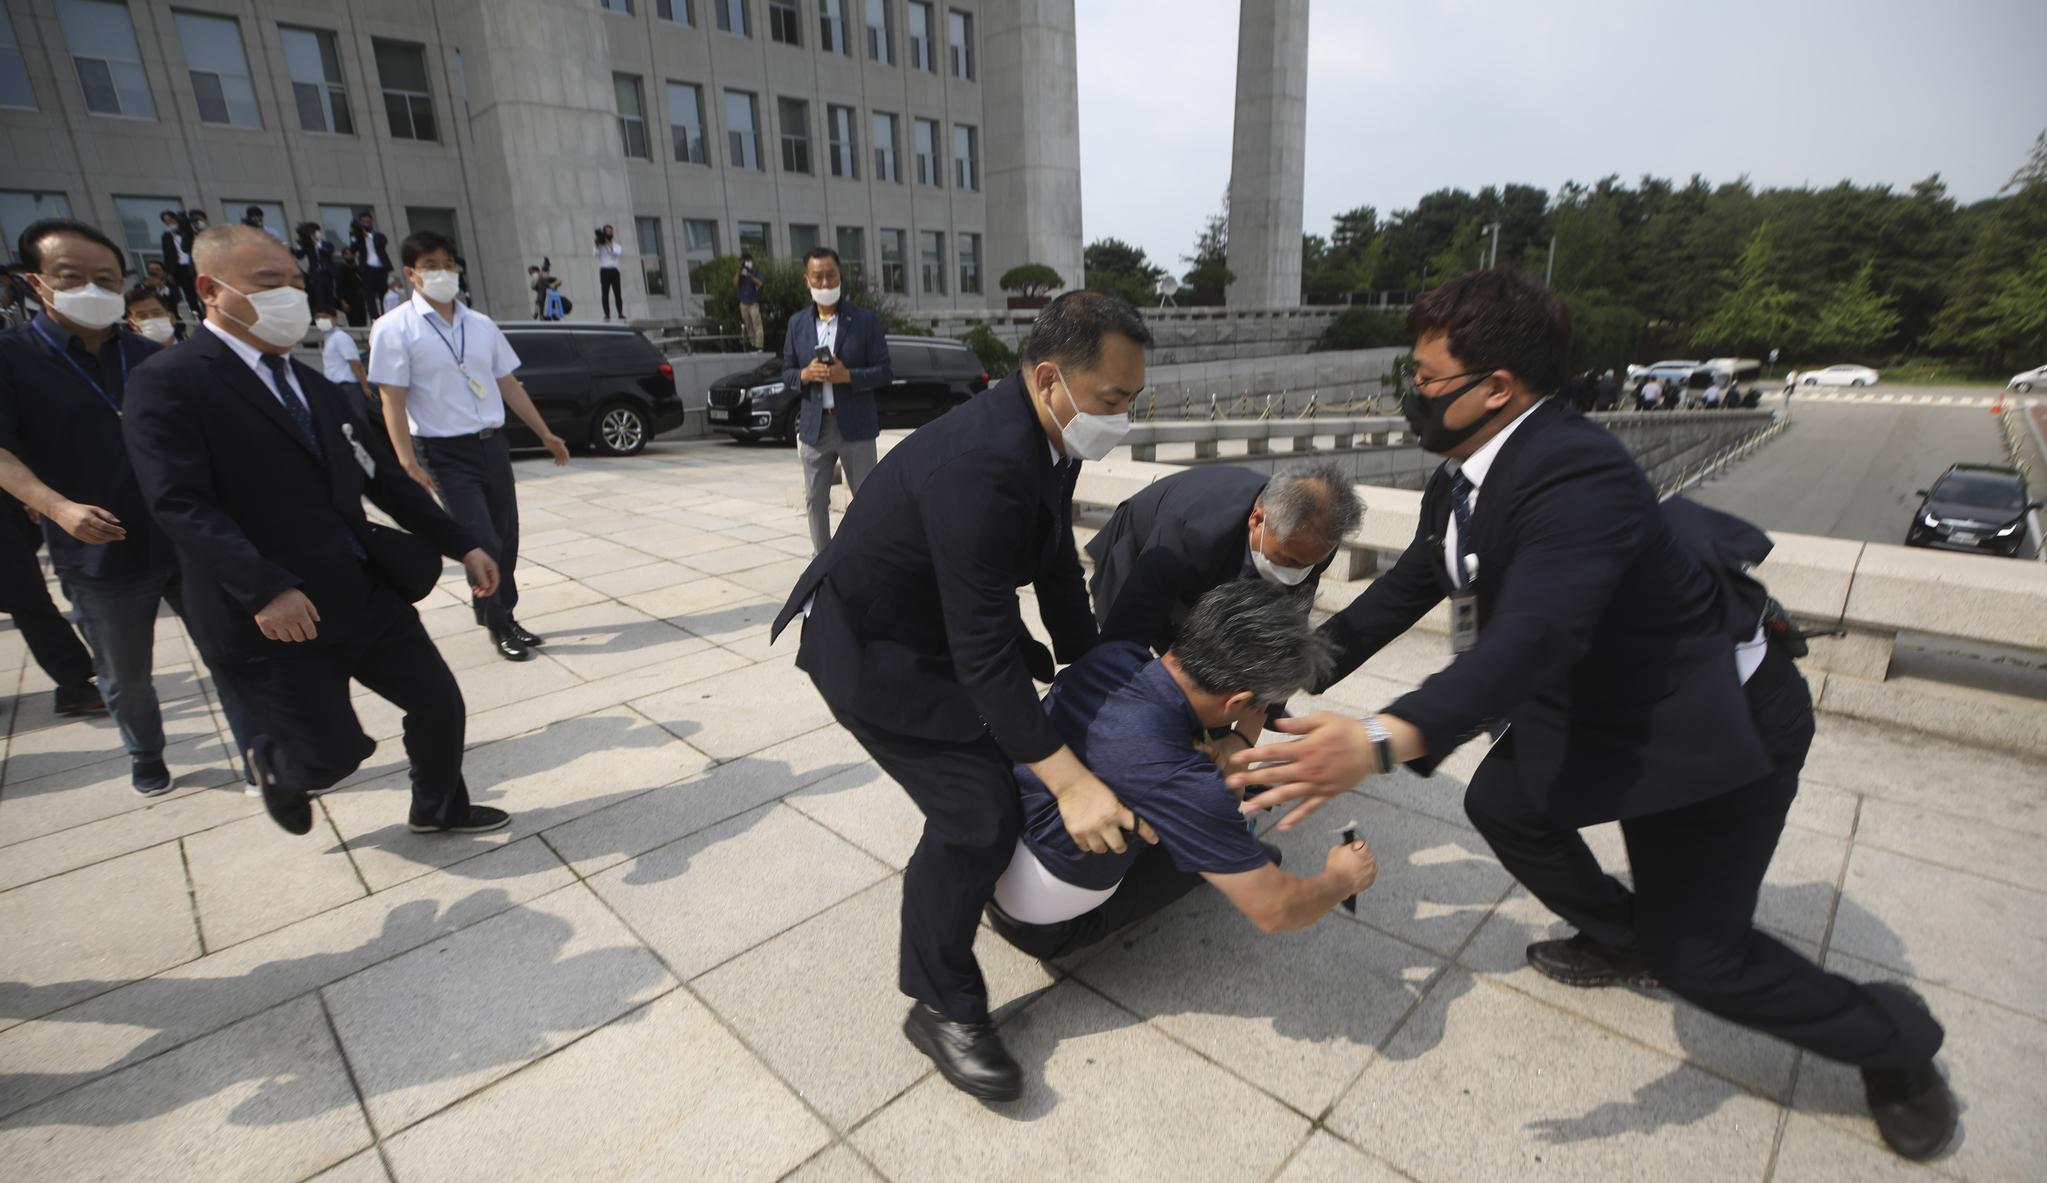 16일 오후 서울 여의도 국회에서 한 남성이 개원 연설을 마친 문재인 대통령을 향해 운동화를 집어던진 후 달려가다가 제지당하고 있다. 뉴스1